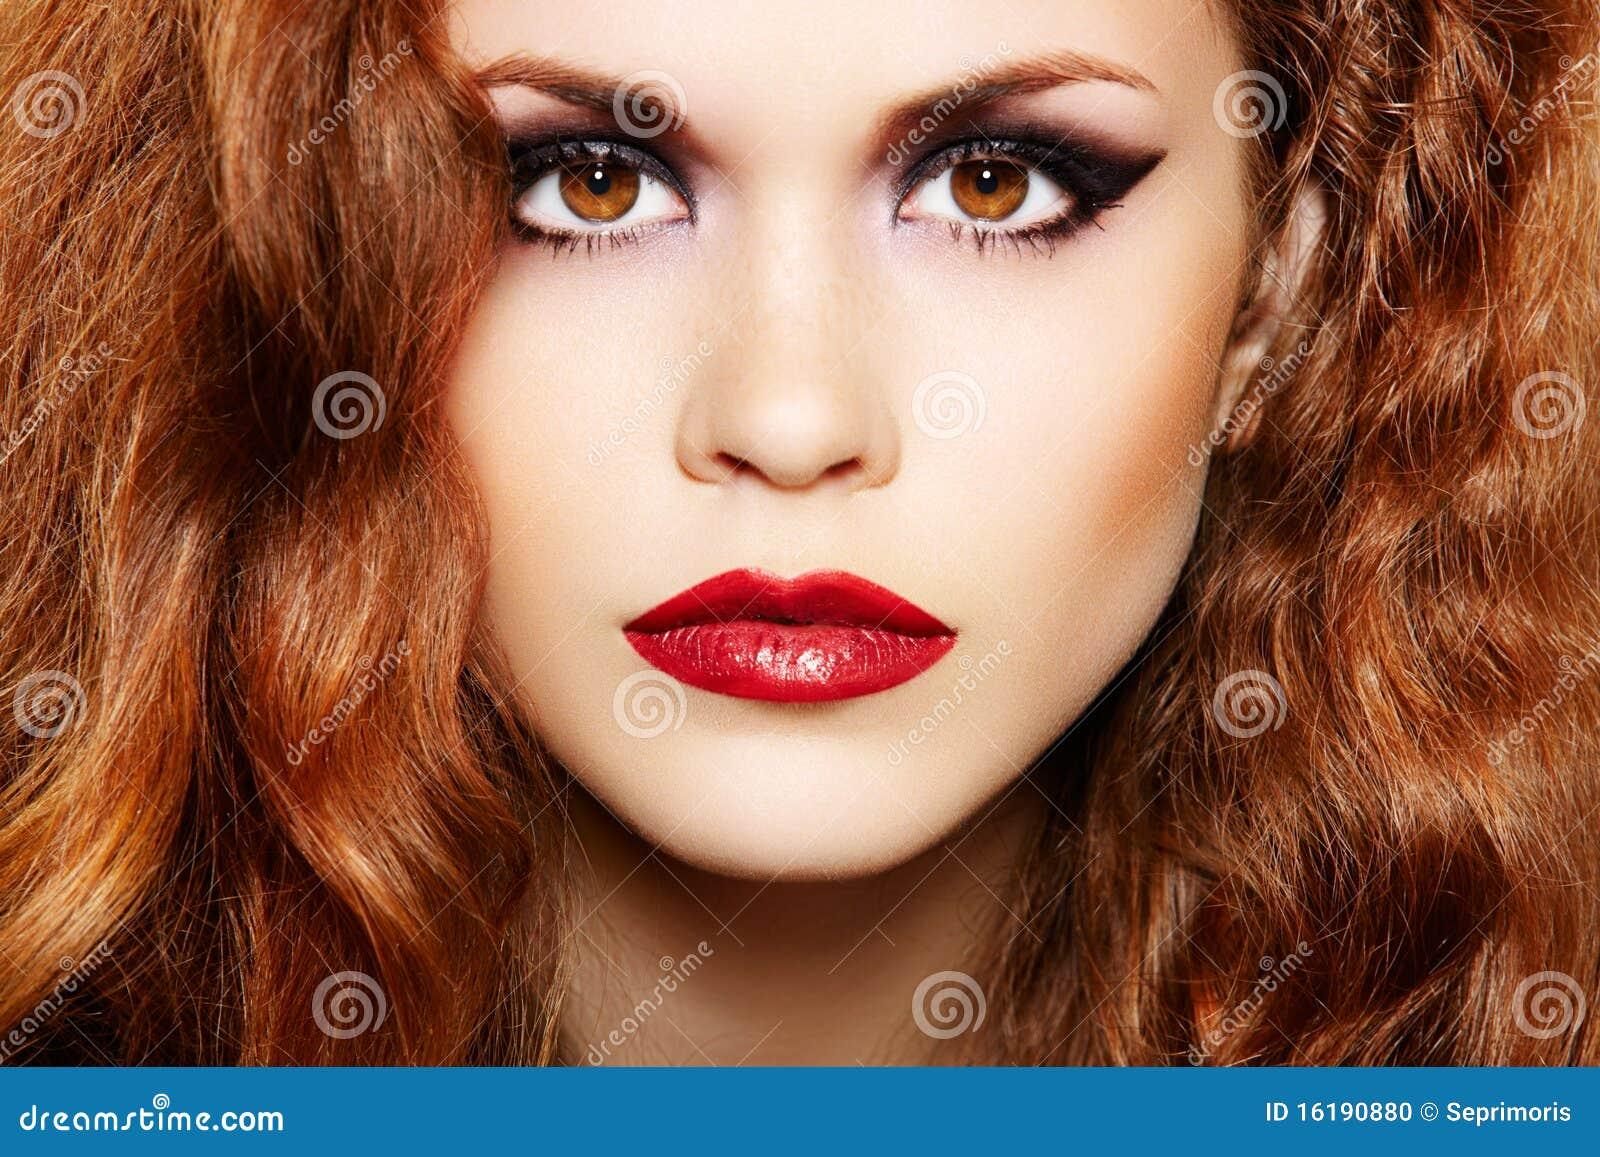 Макияж для рыжеволосых с карими глазами фото